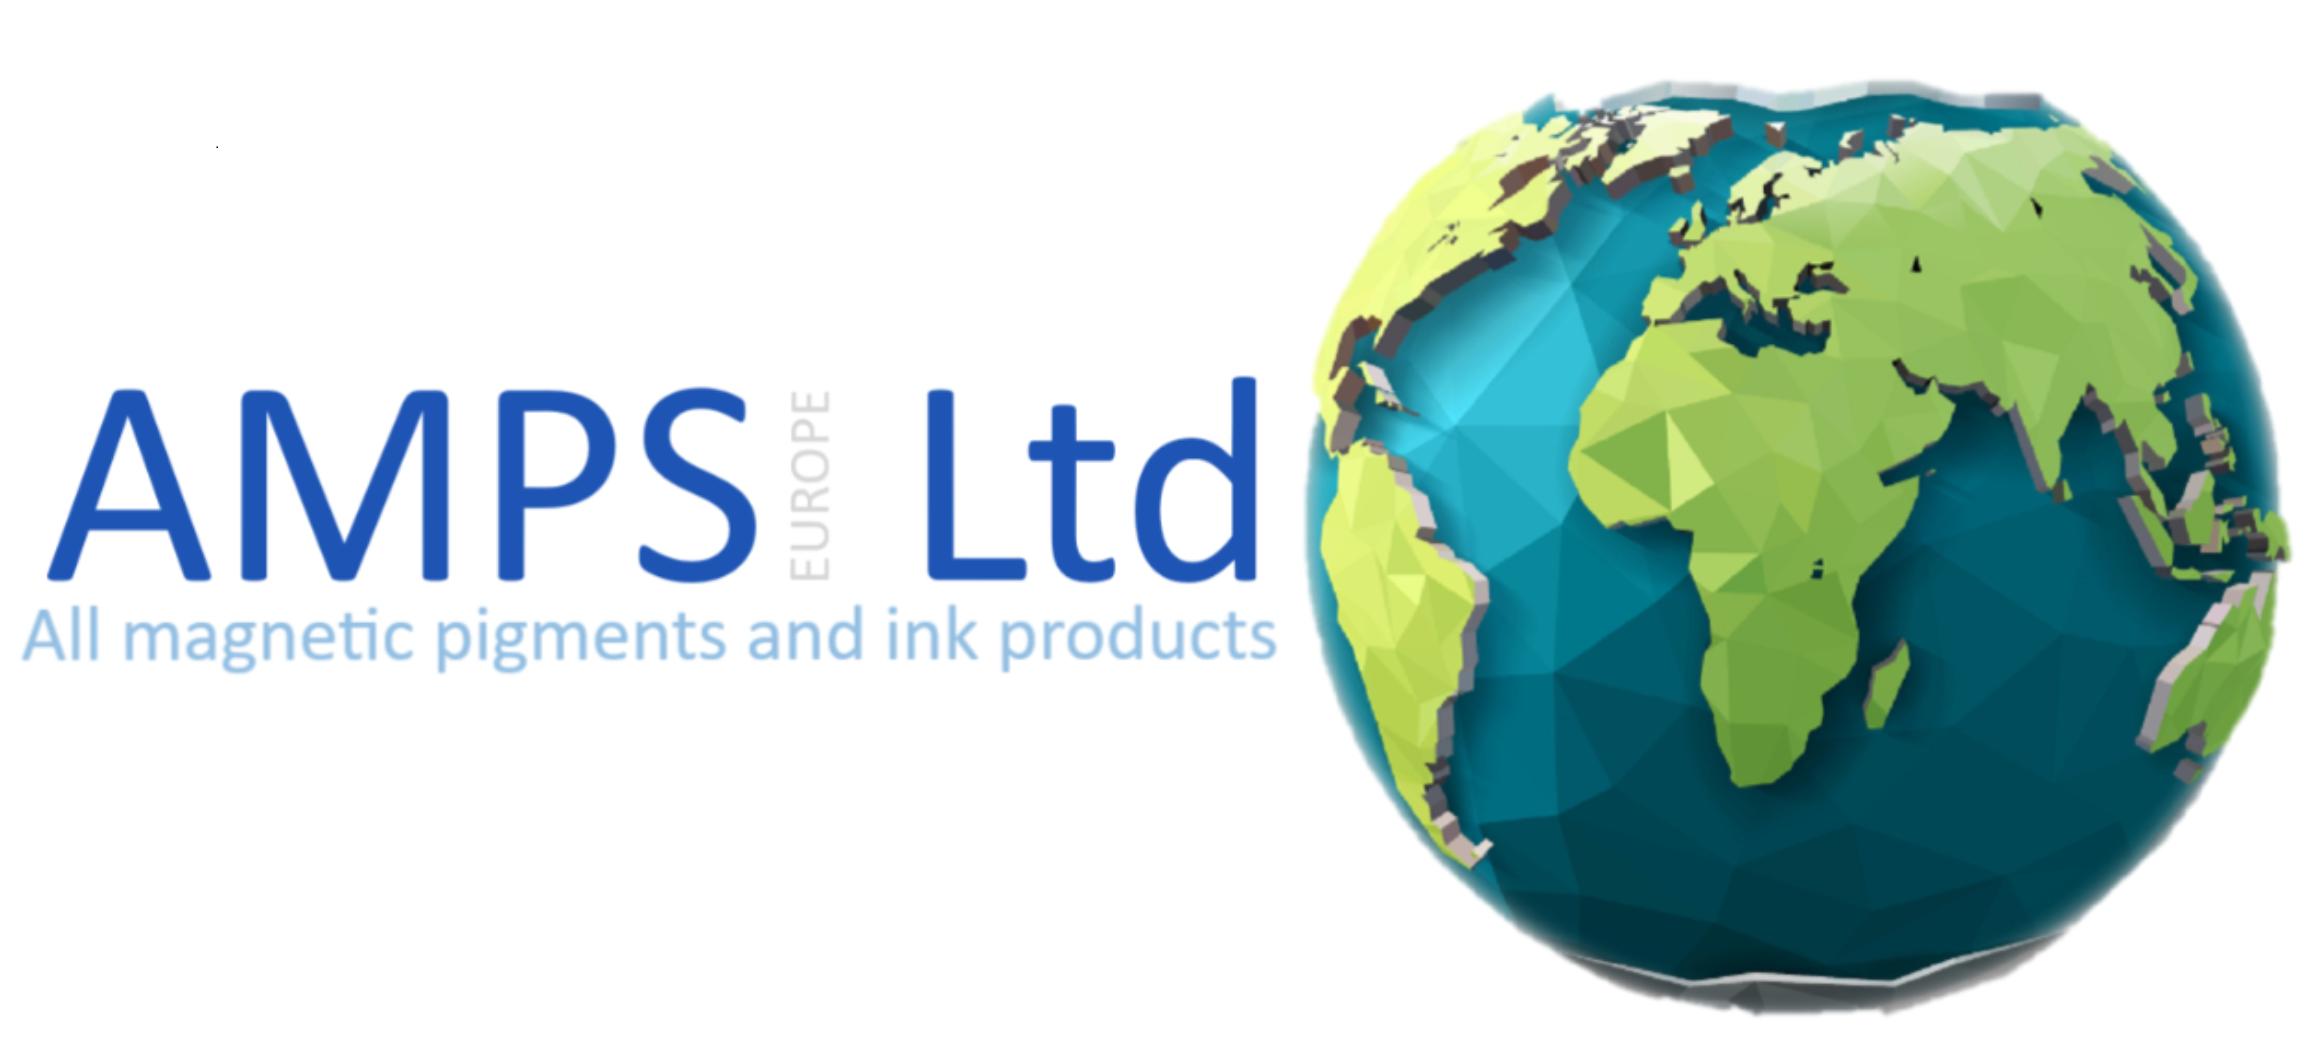 AMPS Ltd